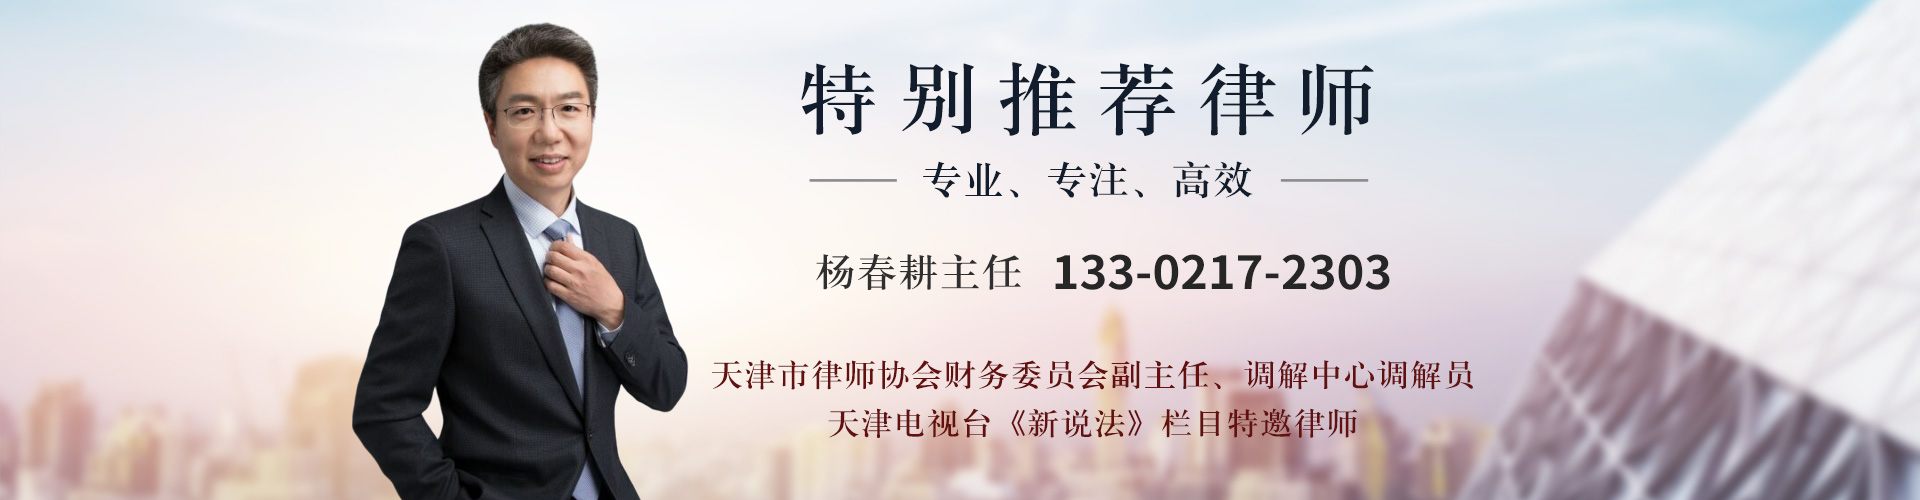 杨春耕33